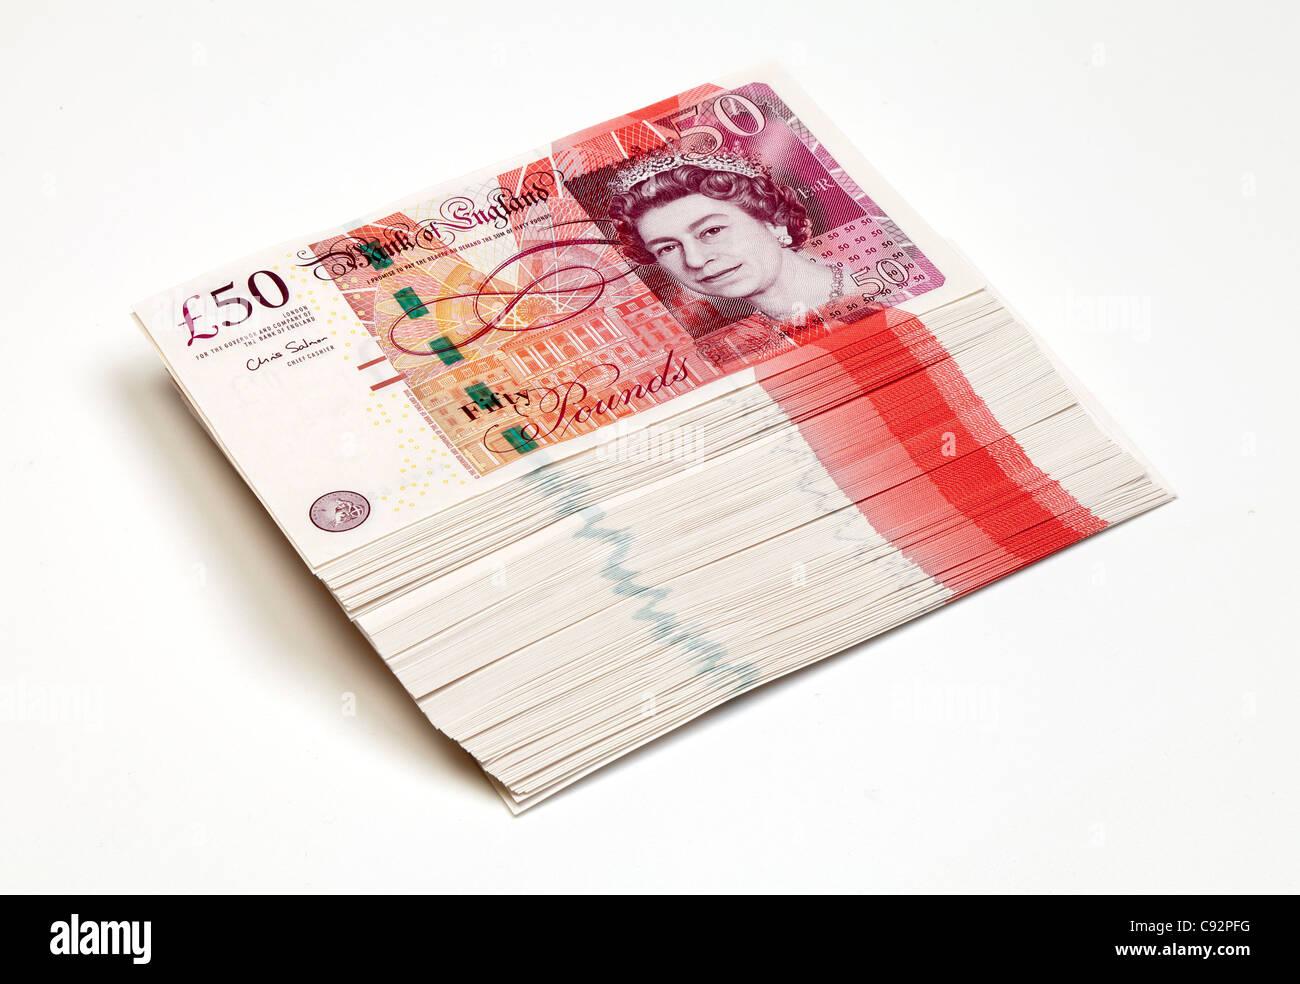 50 libra británica notas bancarias en moneda £50 en efectivo ricos ricos montón Imagen De Stock